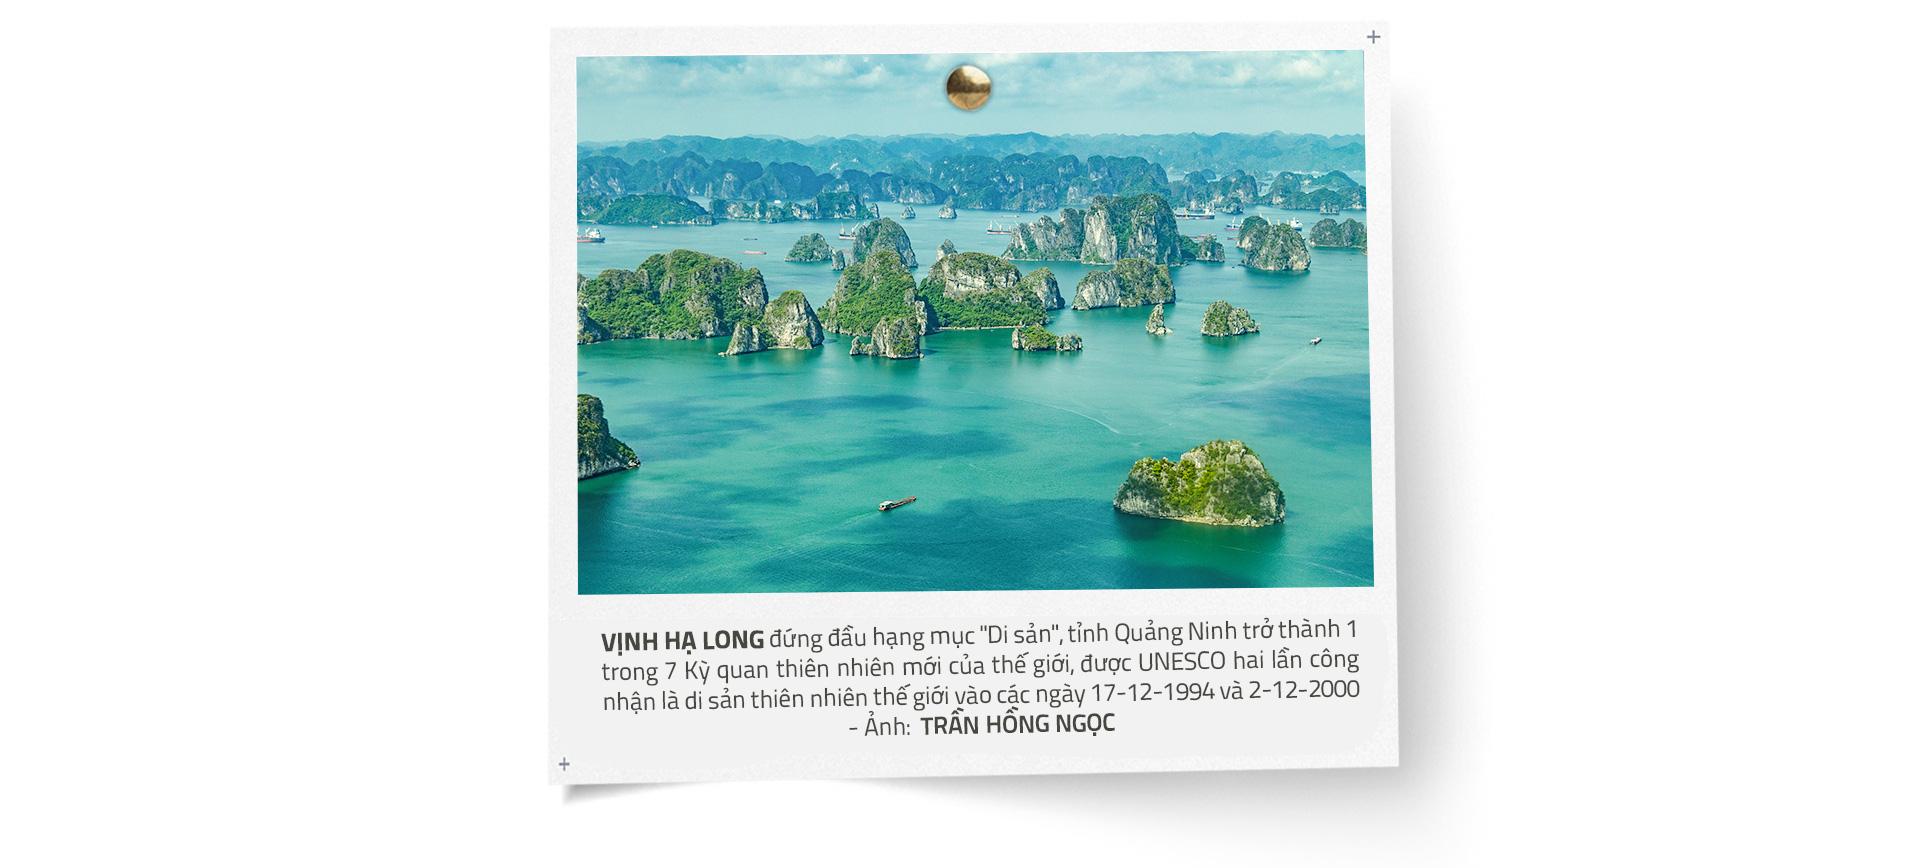 Qua lăng kính hướng dẫn viên: 15 điểm đến được yêu thích nhất Việt Nam - Ảnh 2.